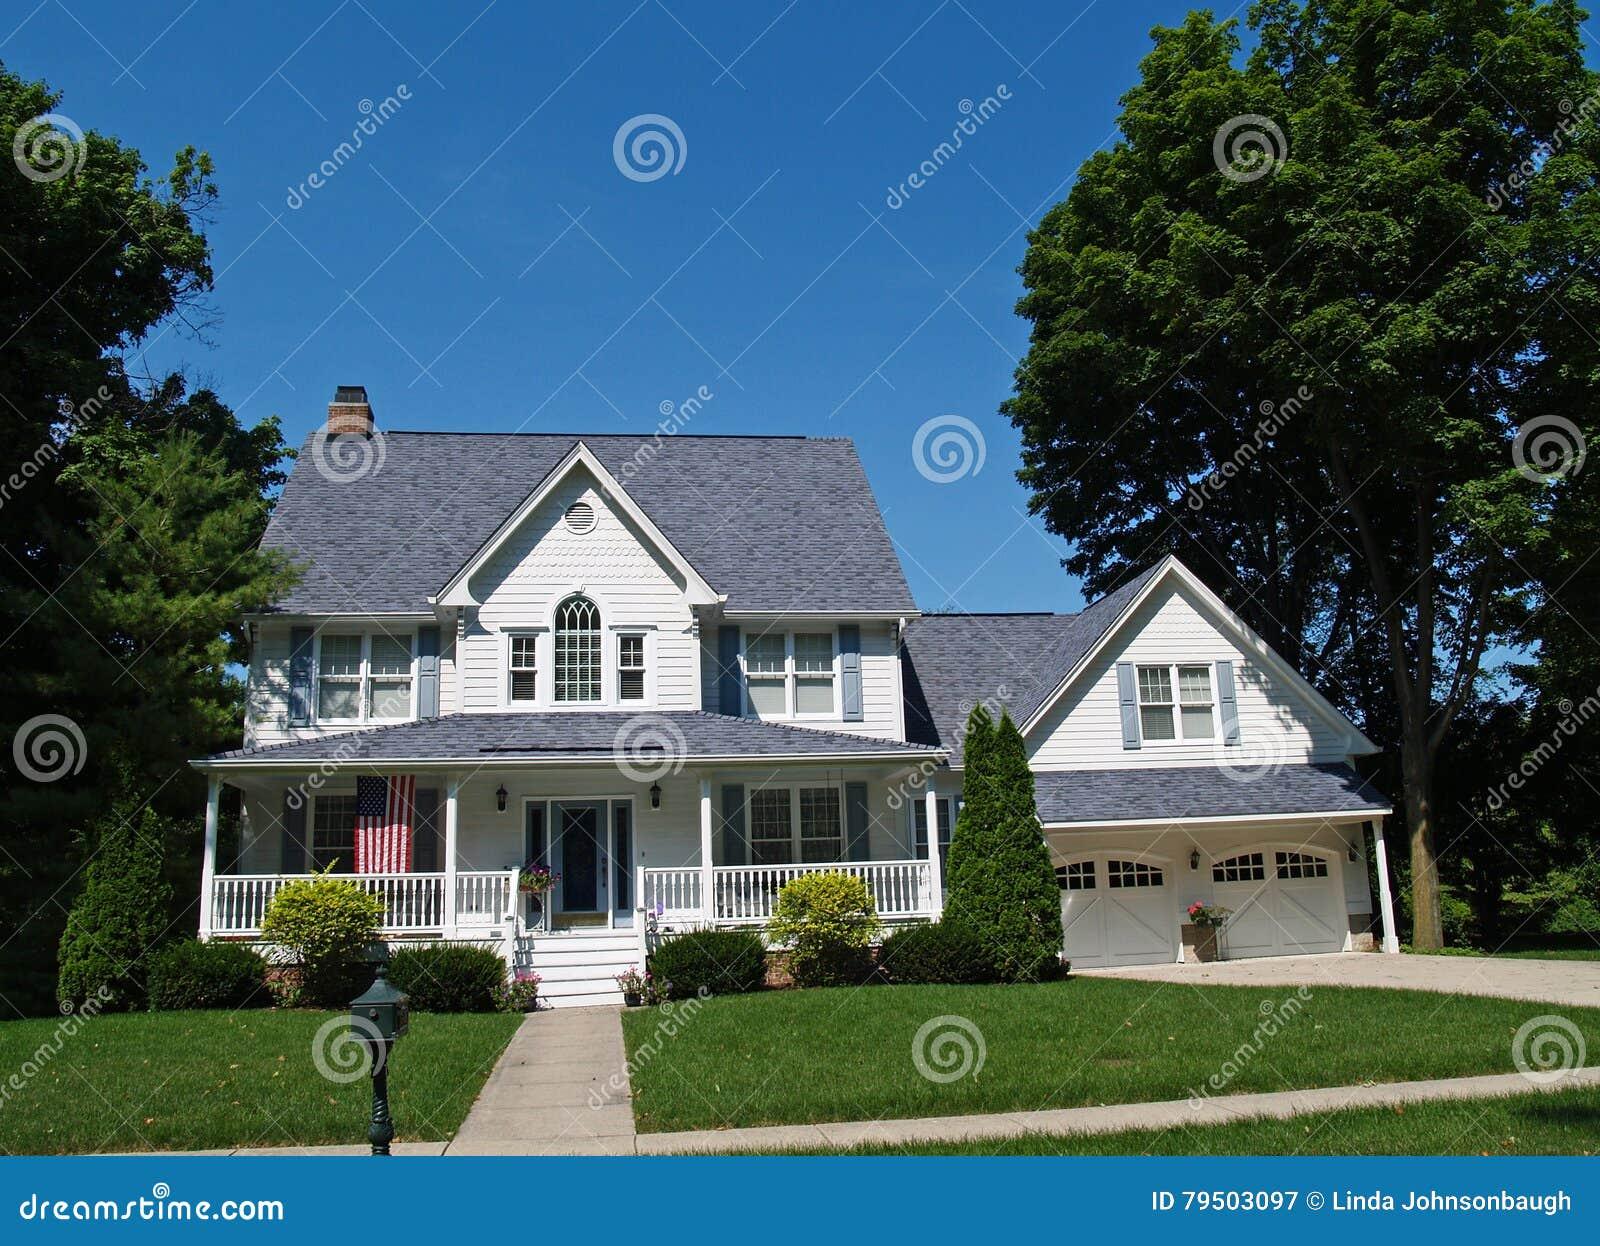 Zweist ckiges wei es haus mit garage stockfoto bild for Haus mit garage